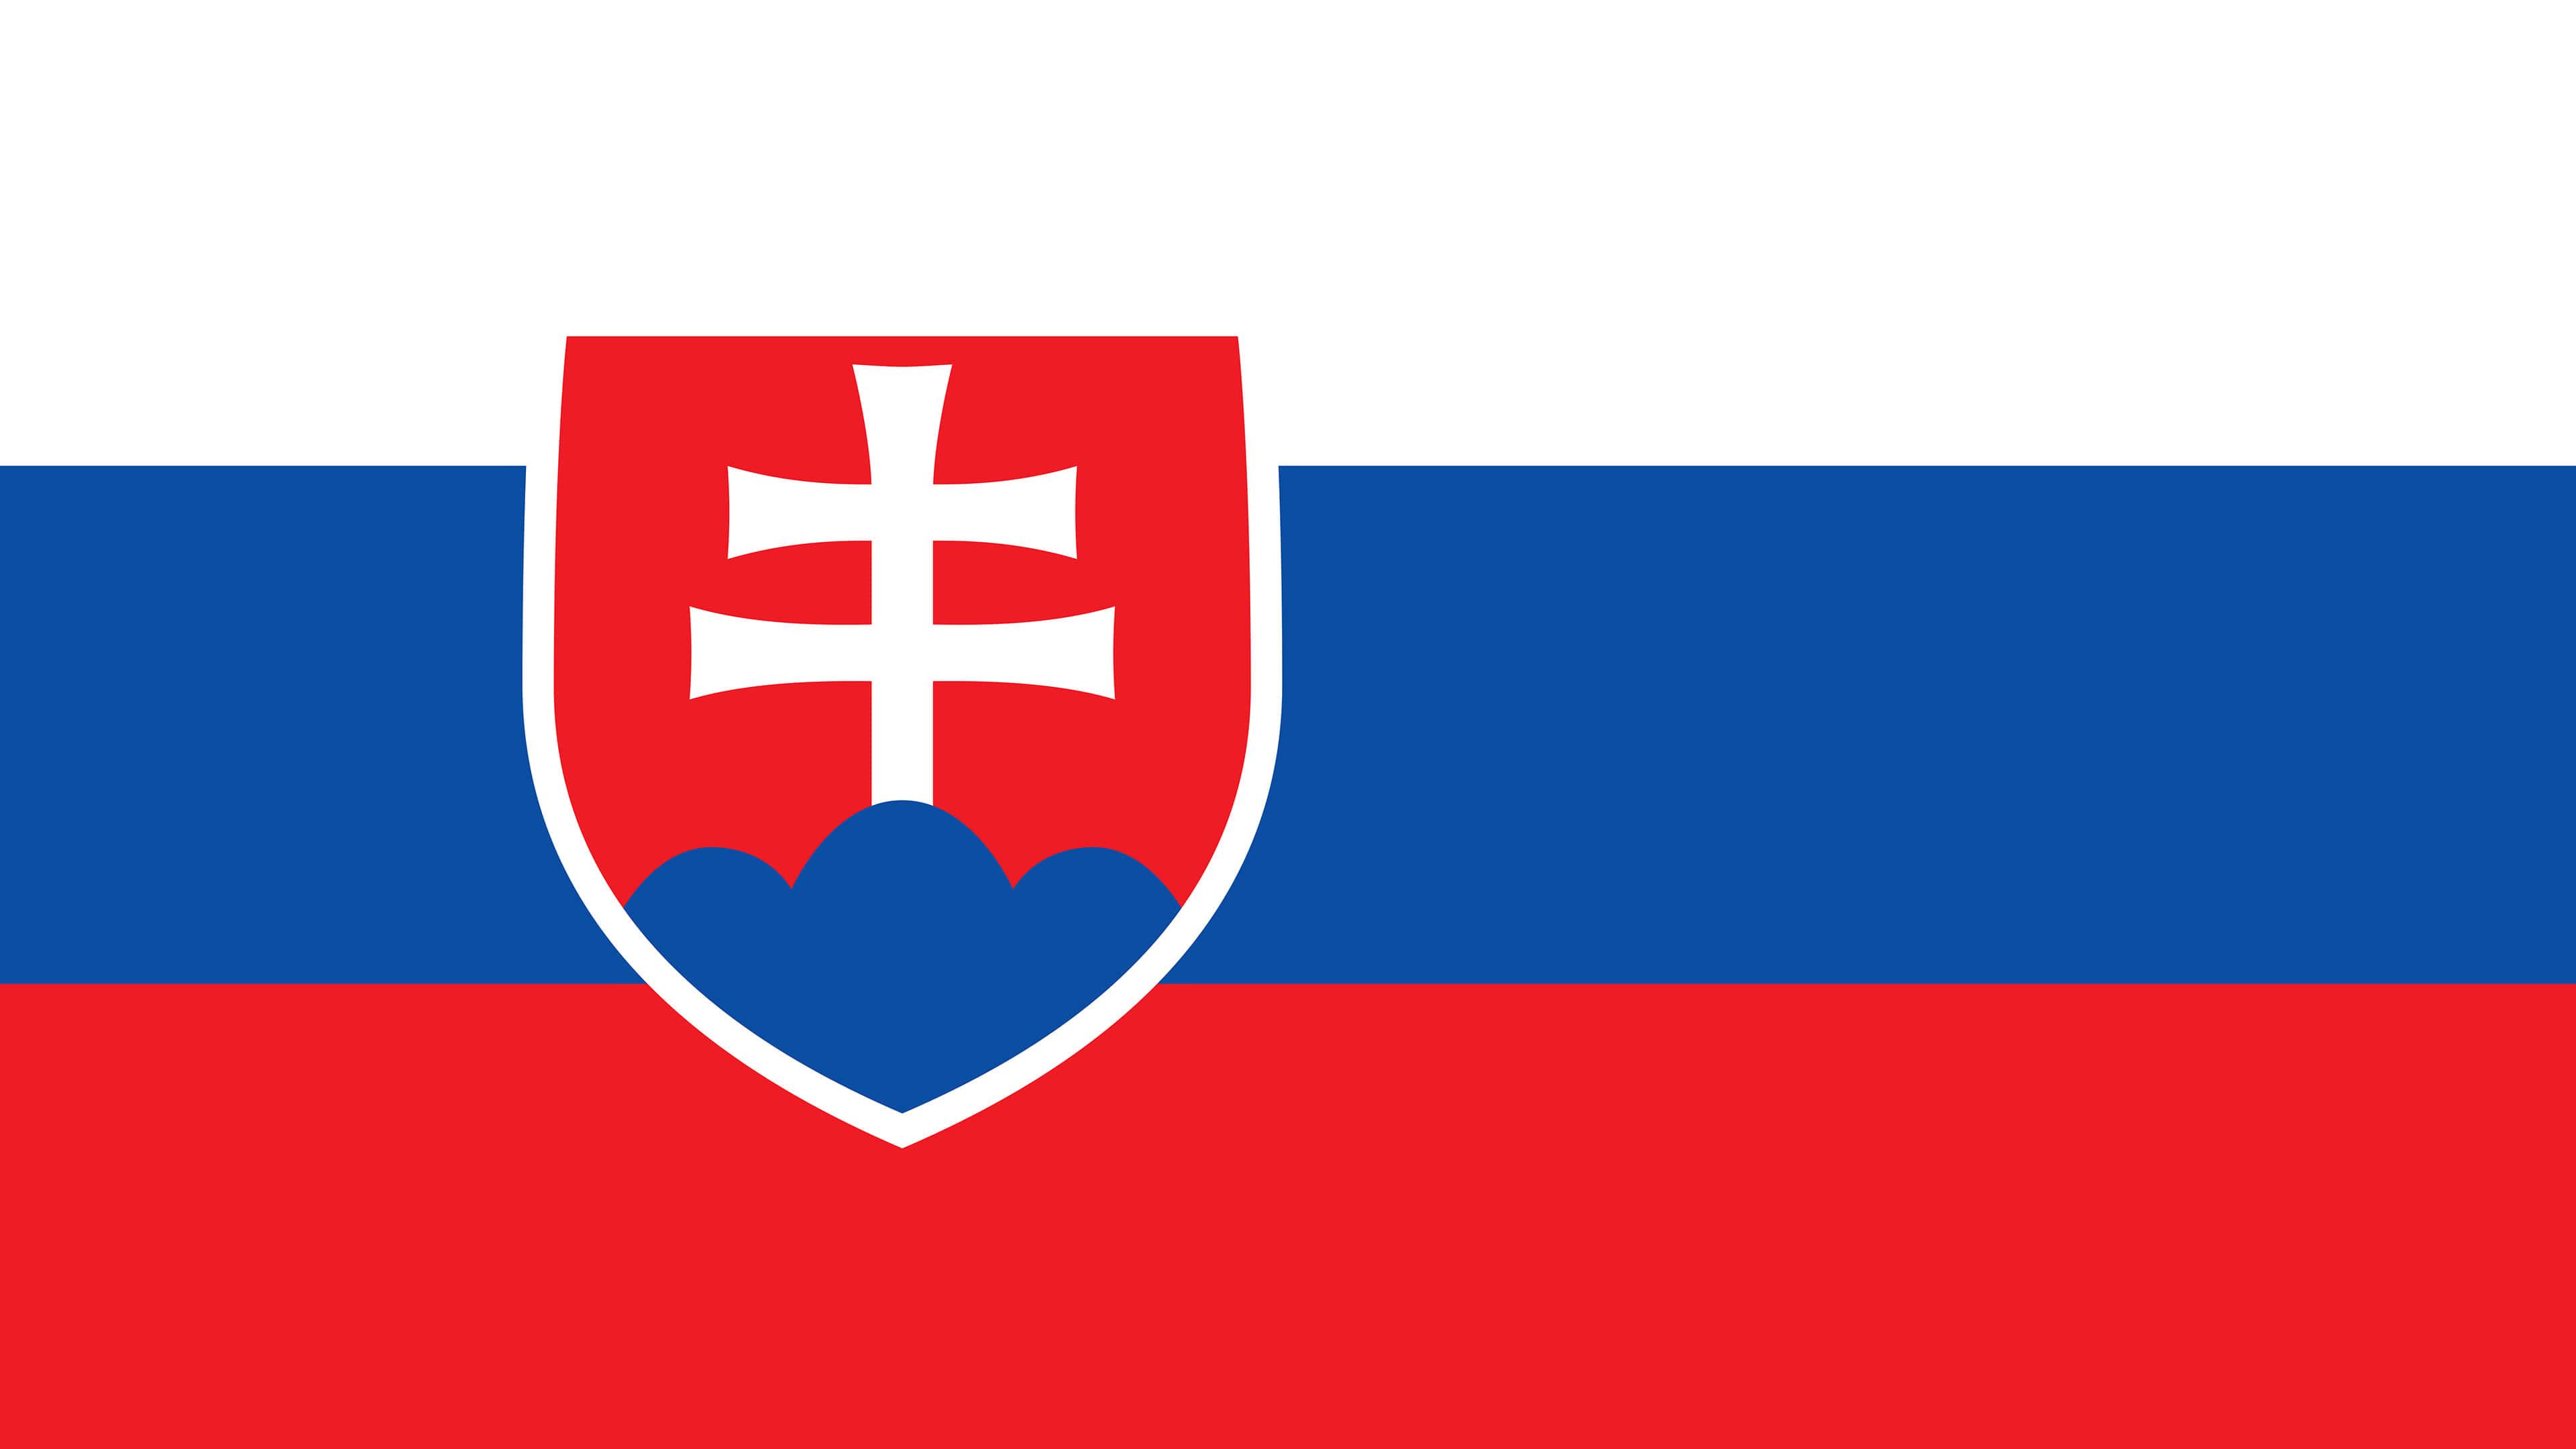 Slovakia Flag UHD 4K Wallpaper Pixelz 3840x2160